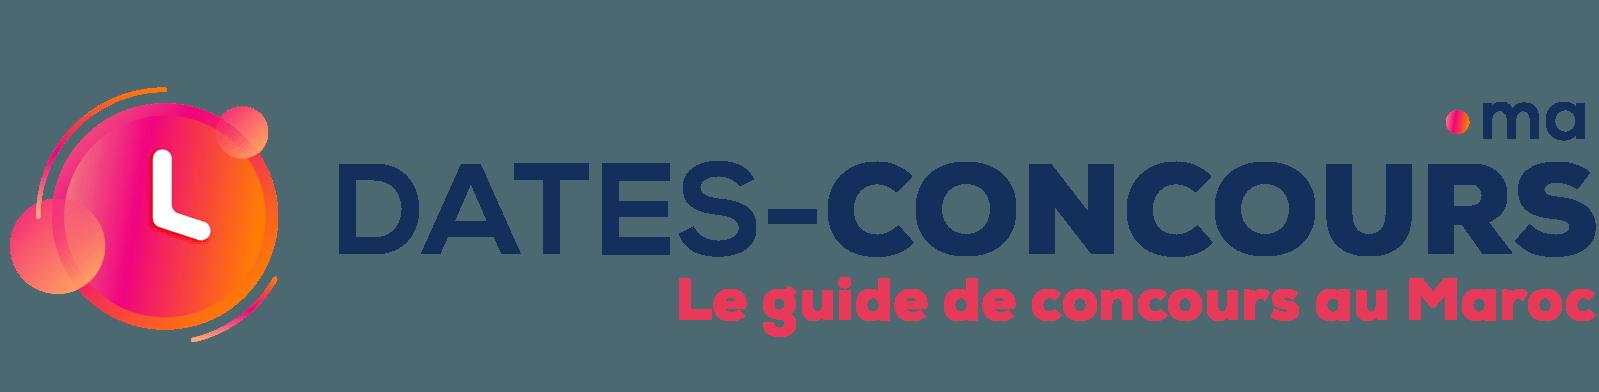 Le guide des concours au Maroc